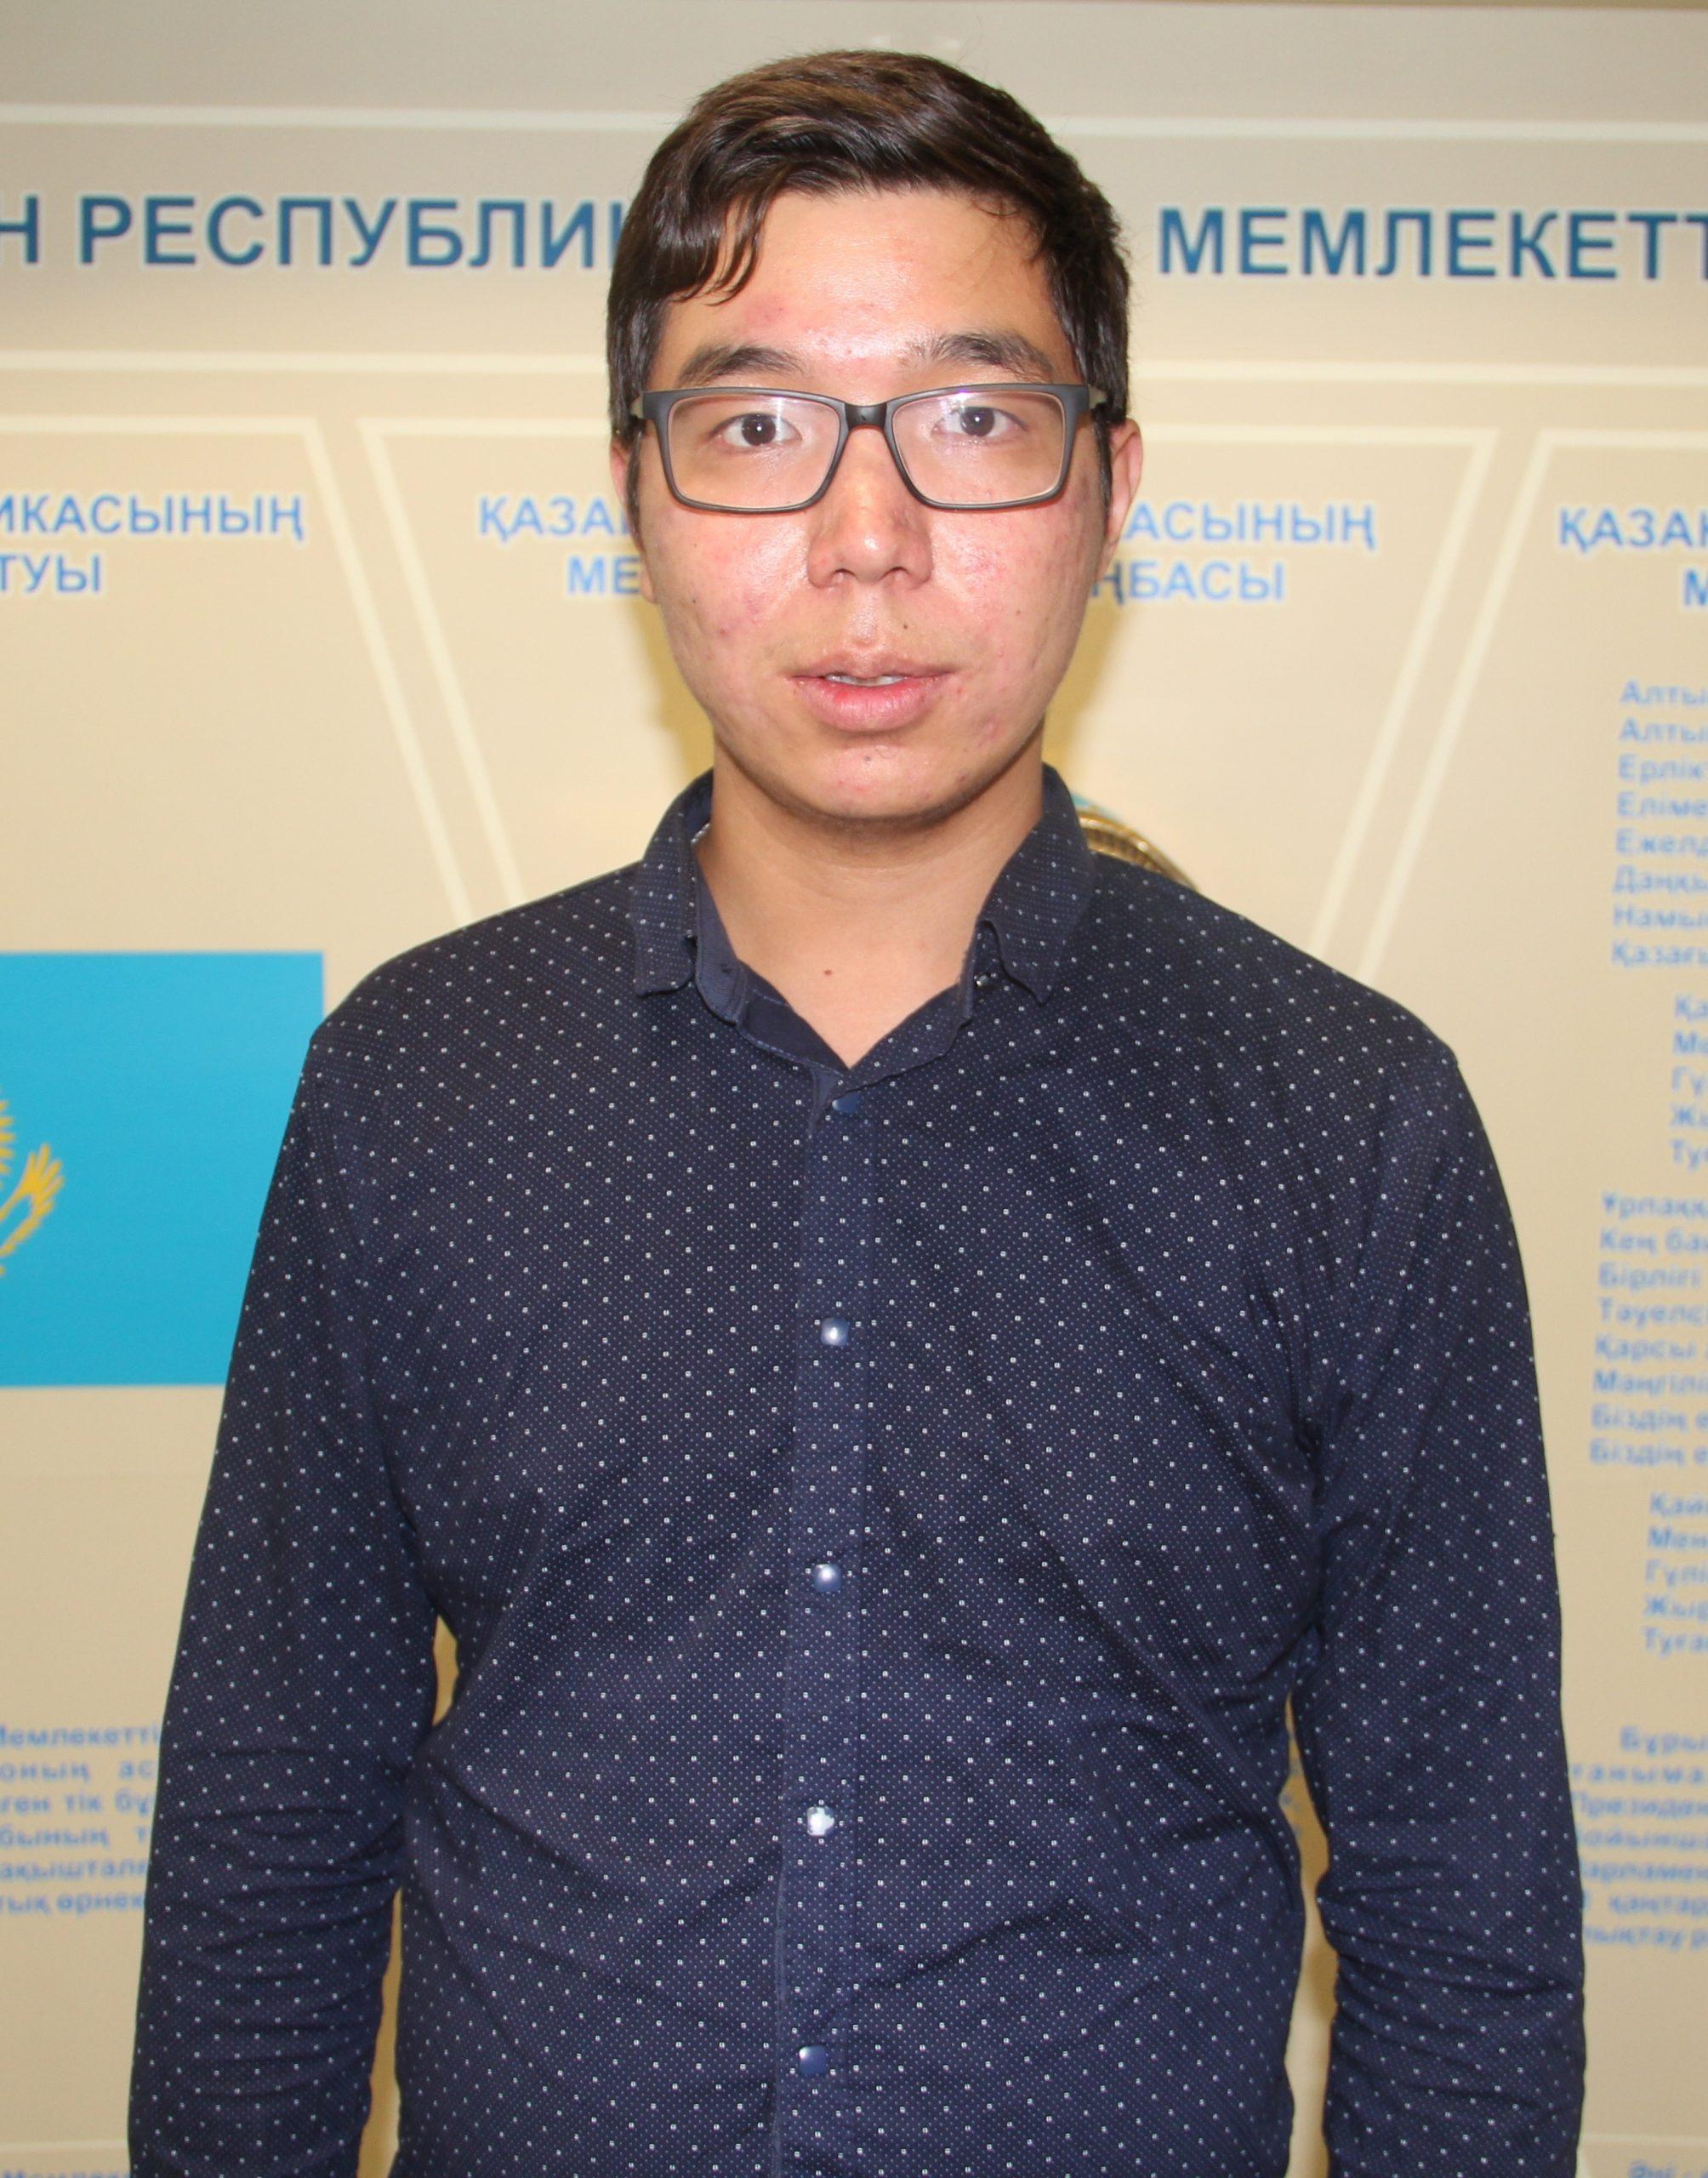 Нурахметов Ильяс Килымханович